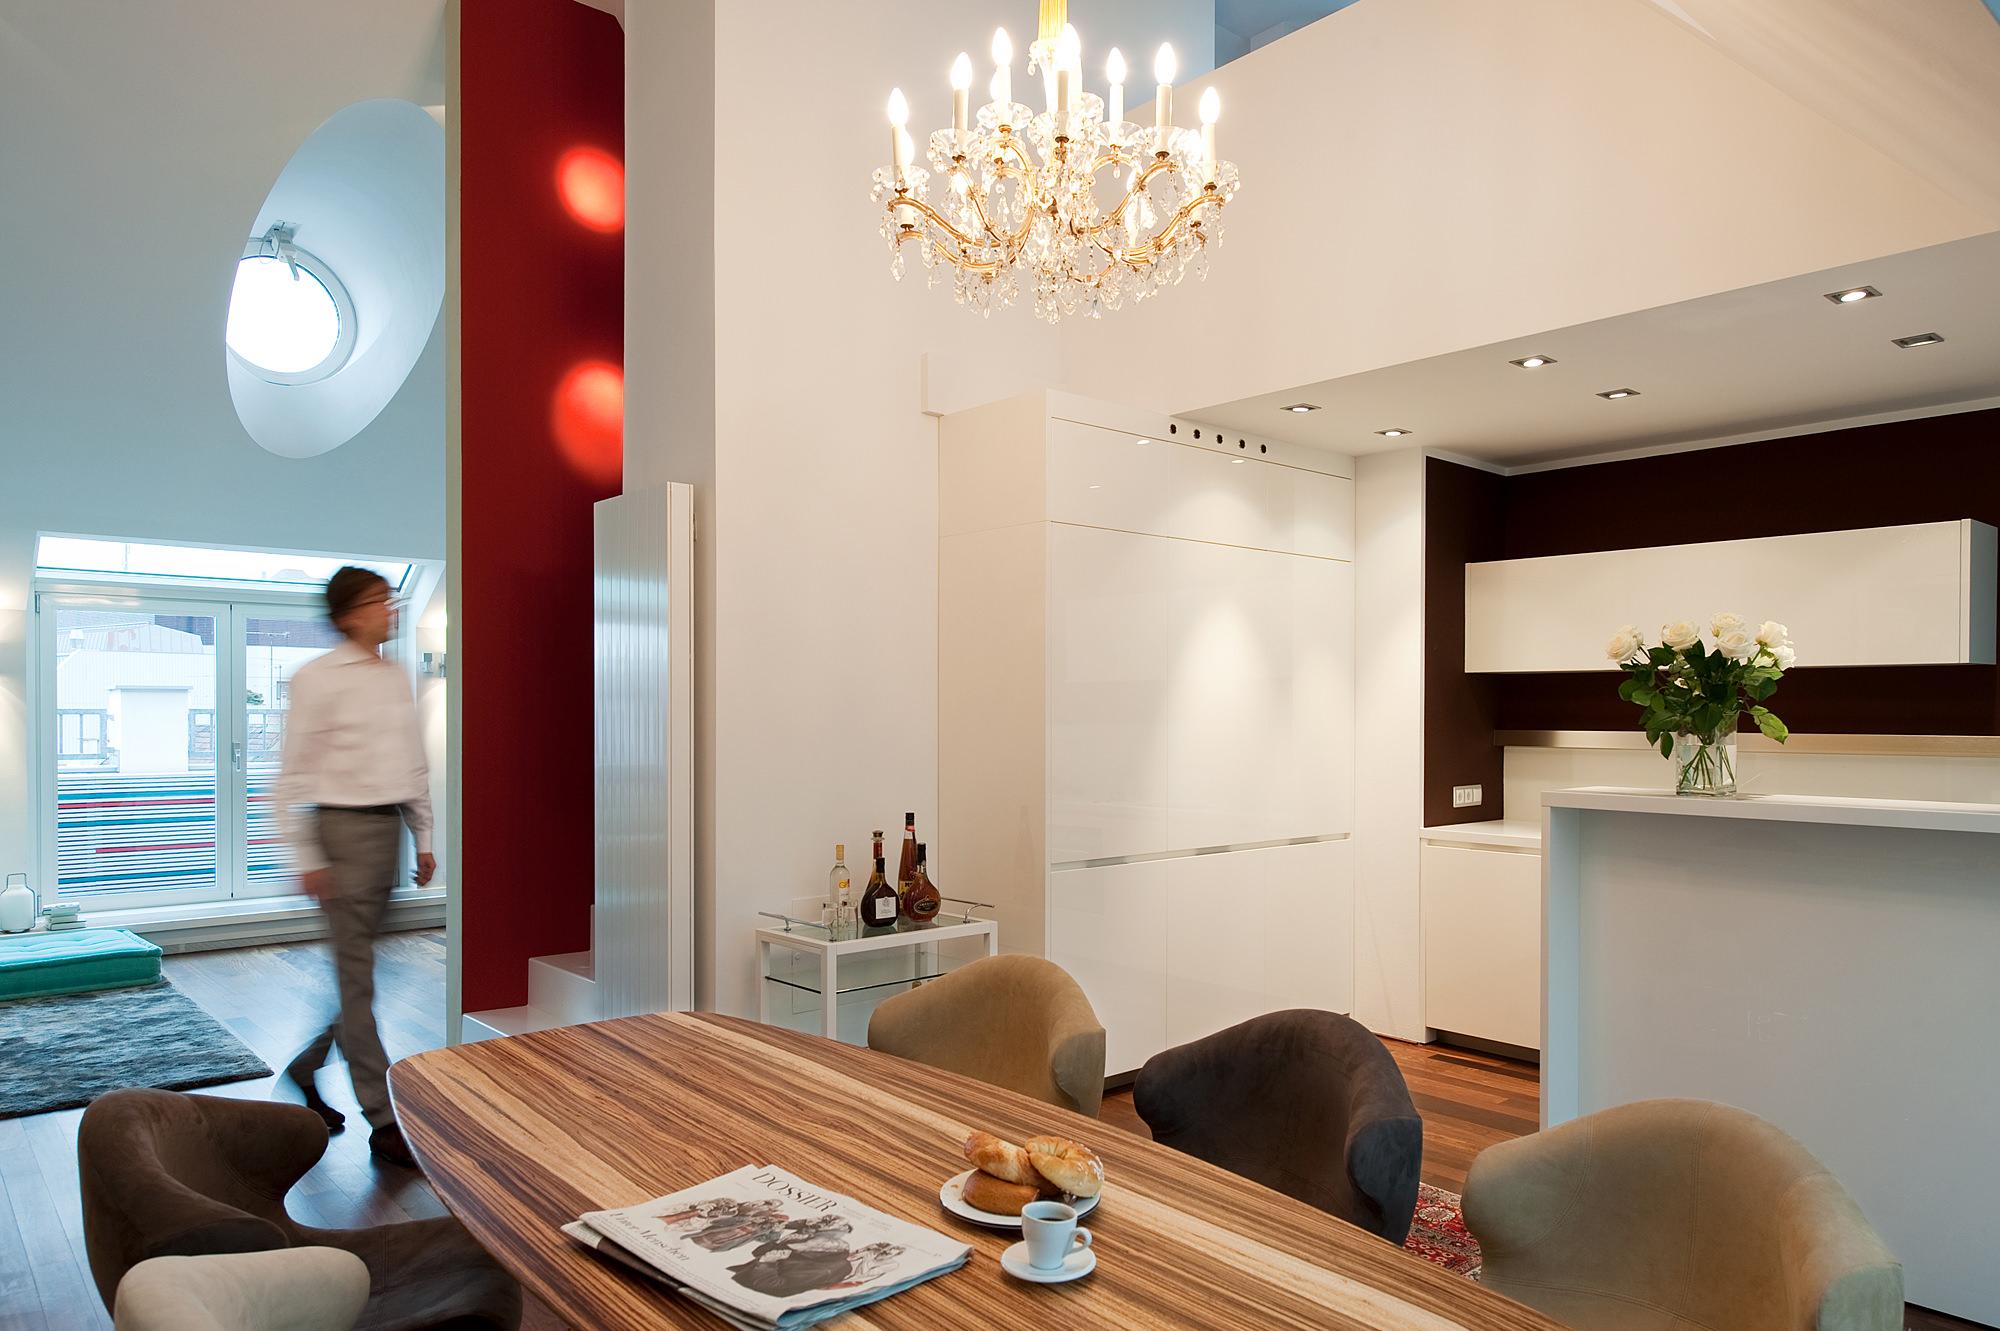 penthouse wien 4 04 umbau und innenraumgestaltung einer dachgeschosswohnung  junger beer architektur